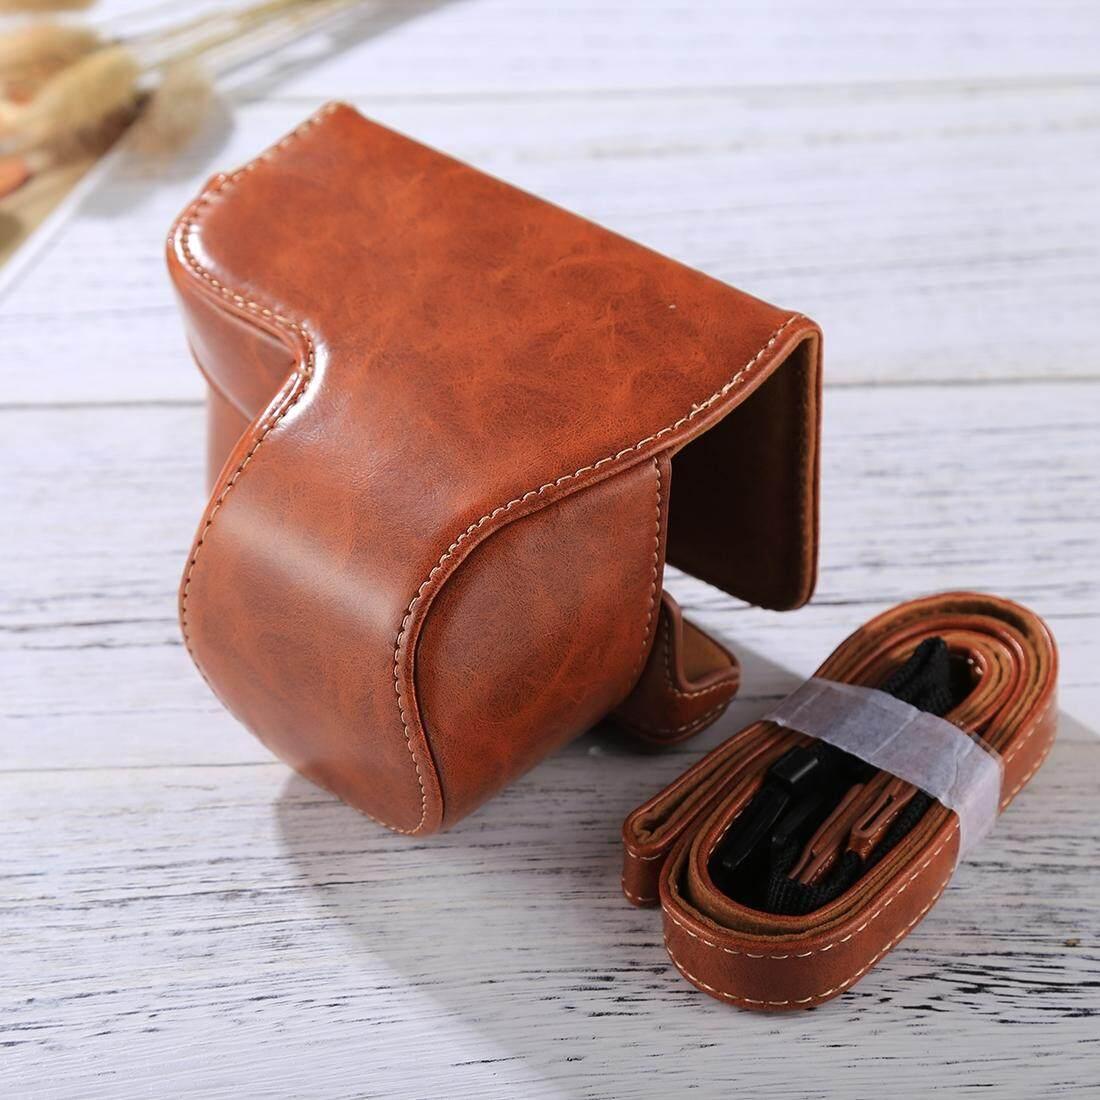 Penuh Kamera Badan PU Case Kulit Tas dengan Tali untuk Sony A6000 (Coklat)-Intl